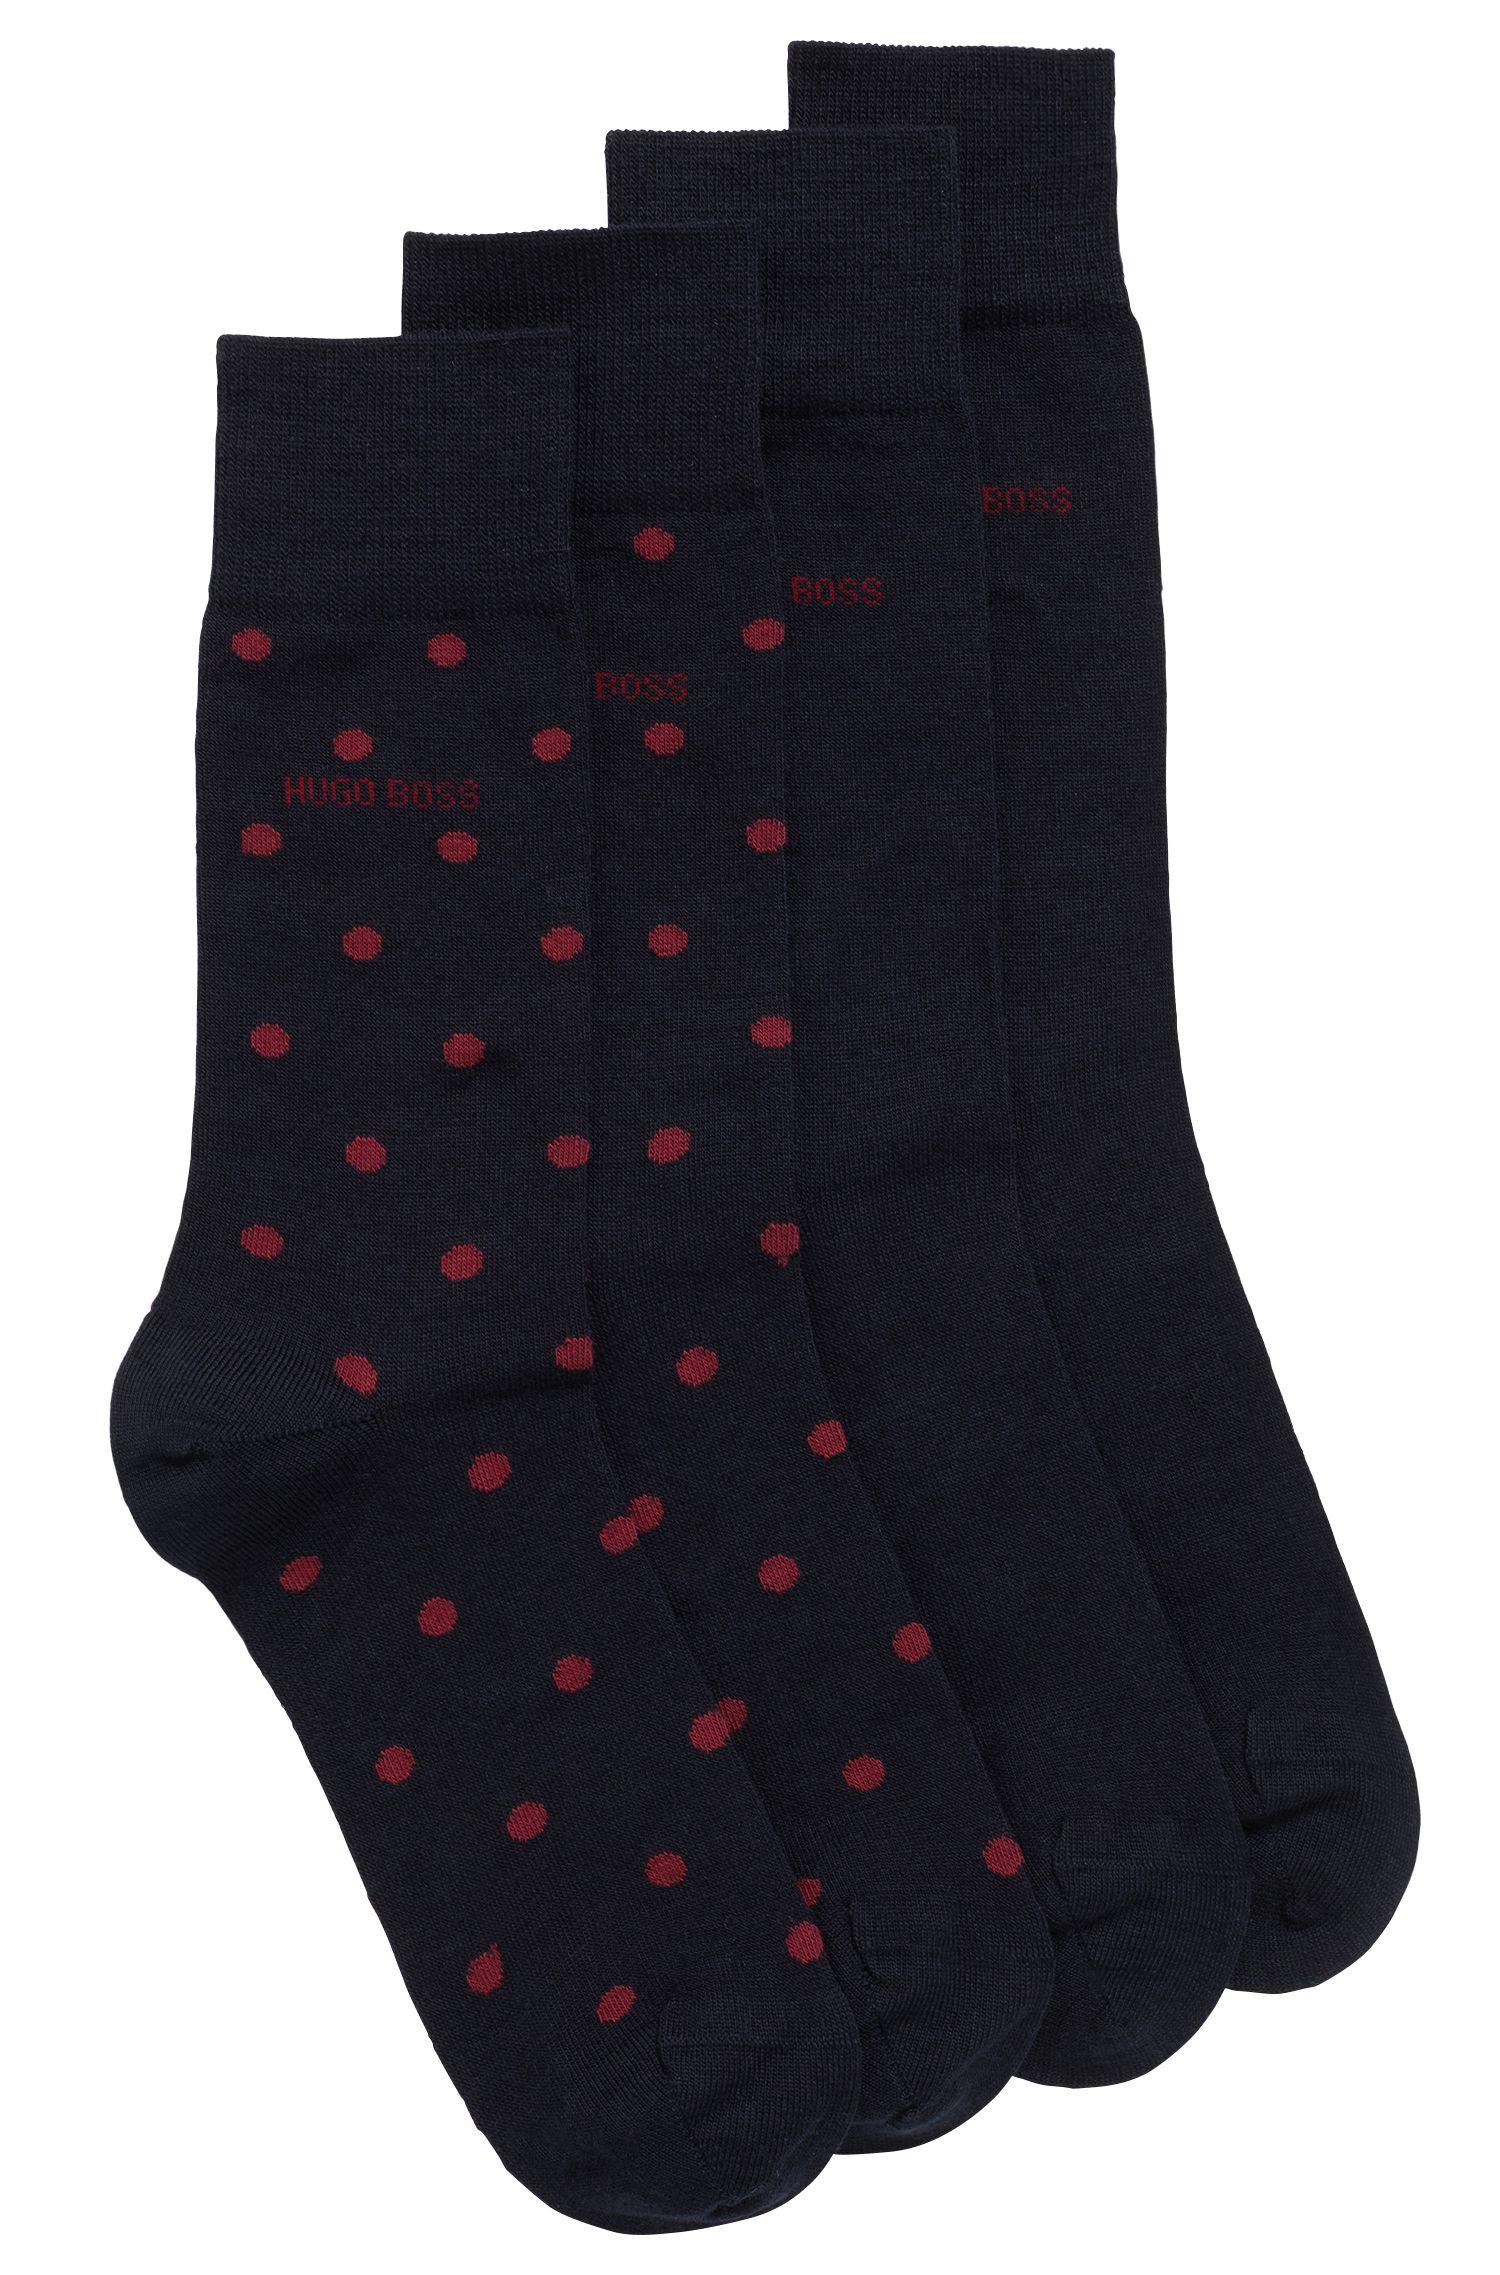 Two-pack of regular-length socks in a Merino wool blend